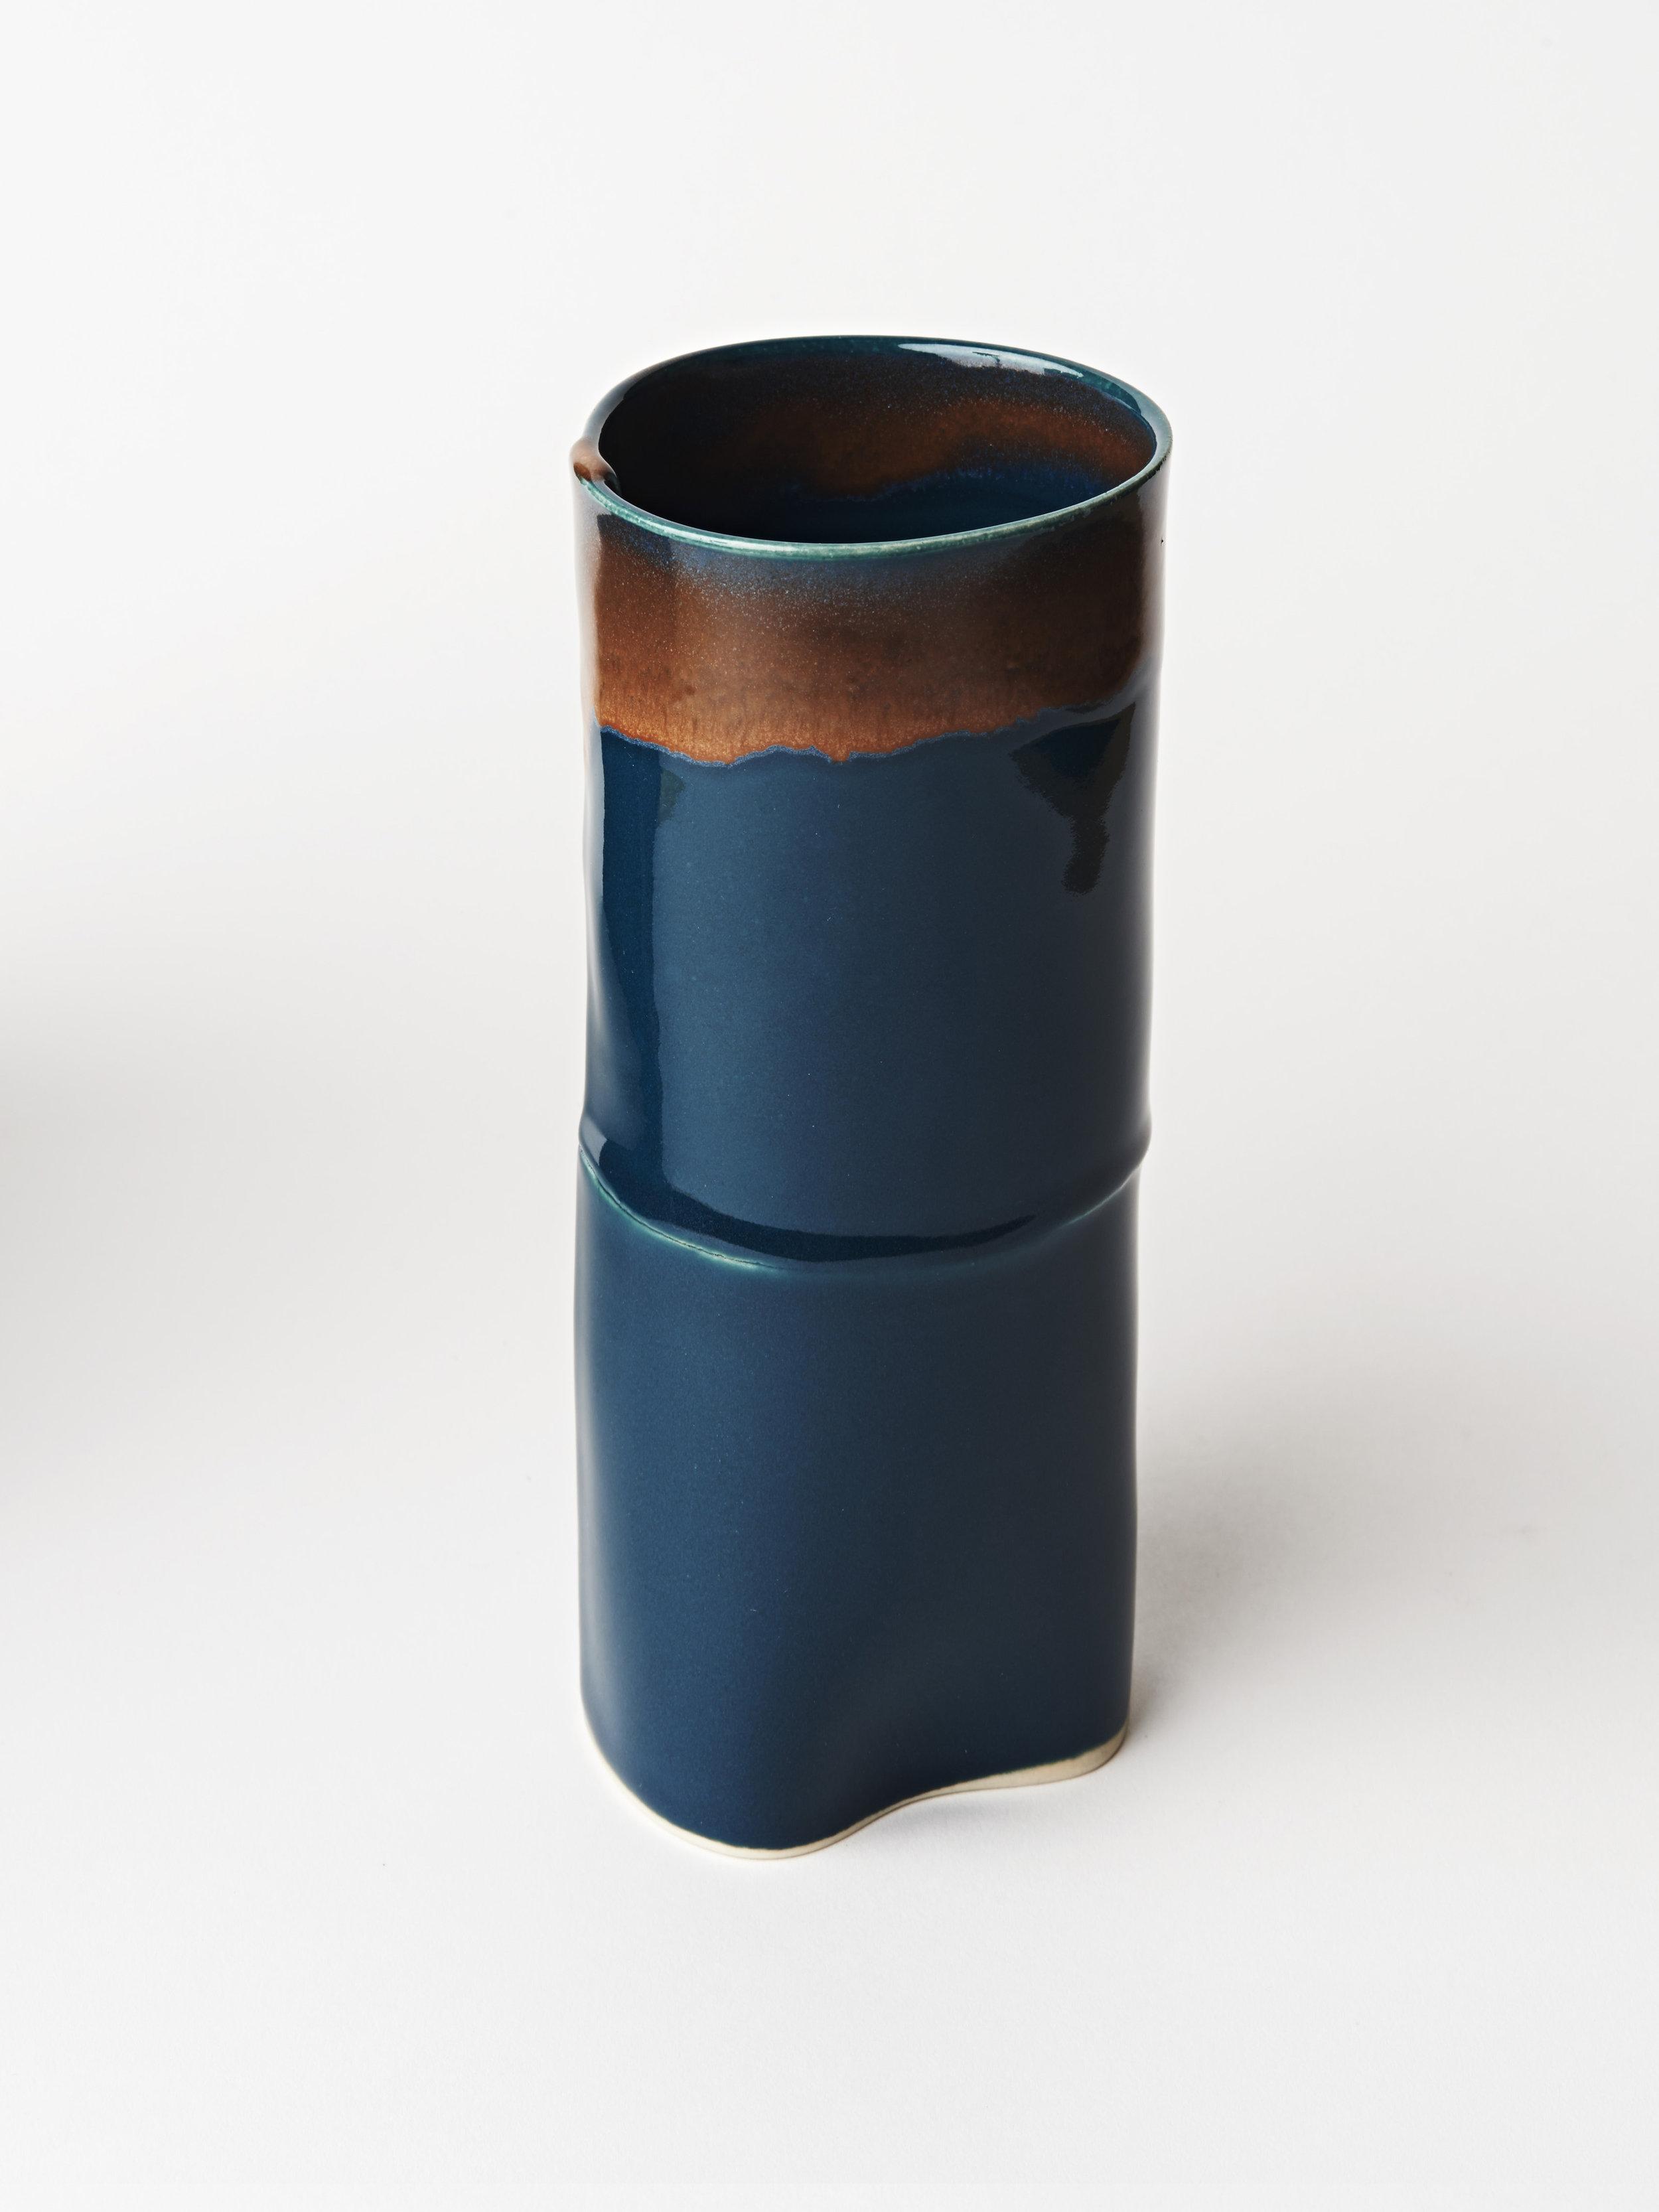 Tall Vase - Teal Blue